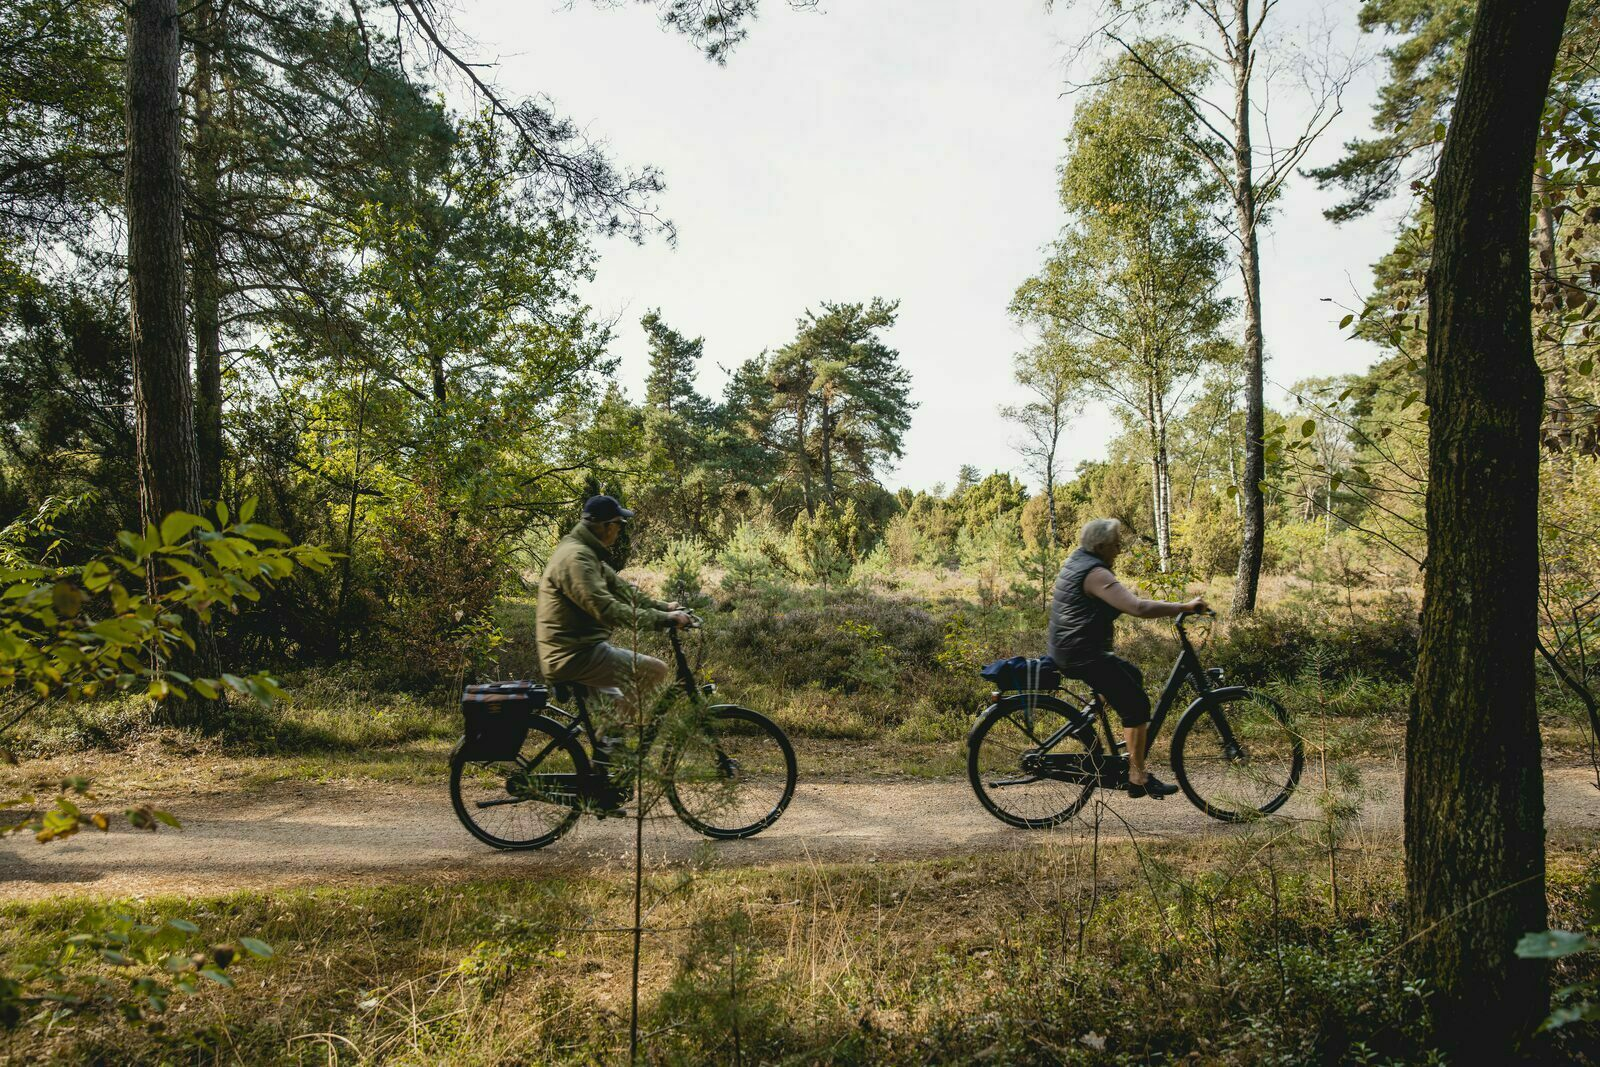 Luxe accommodatie tijdens de fiets4daagse: 1 week op basis van logies